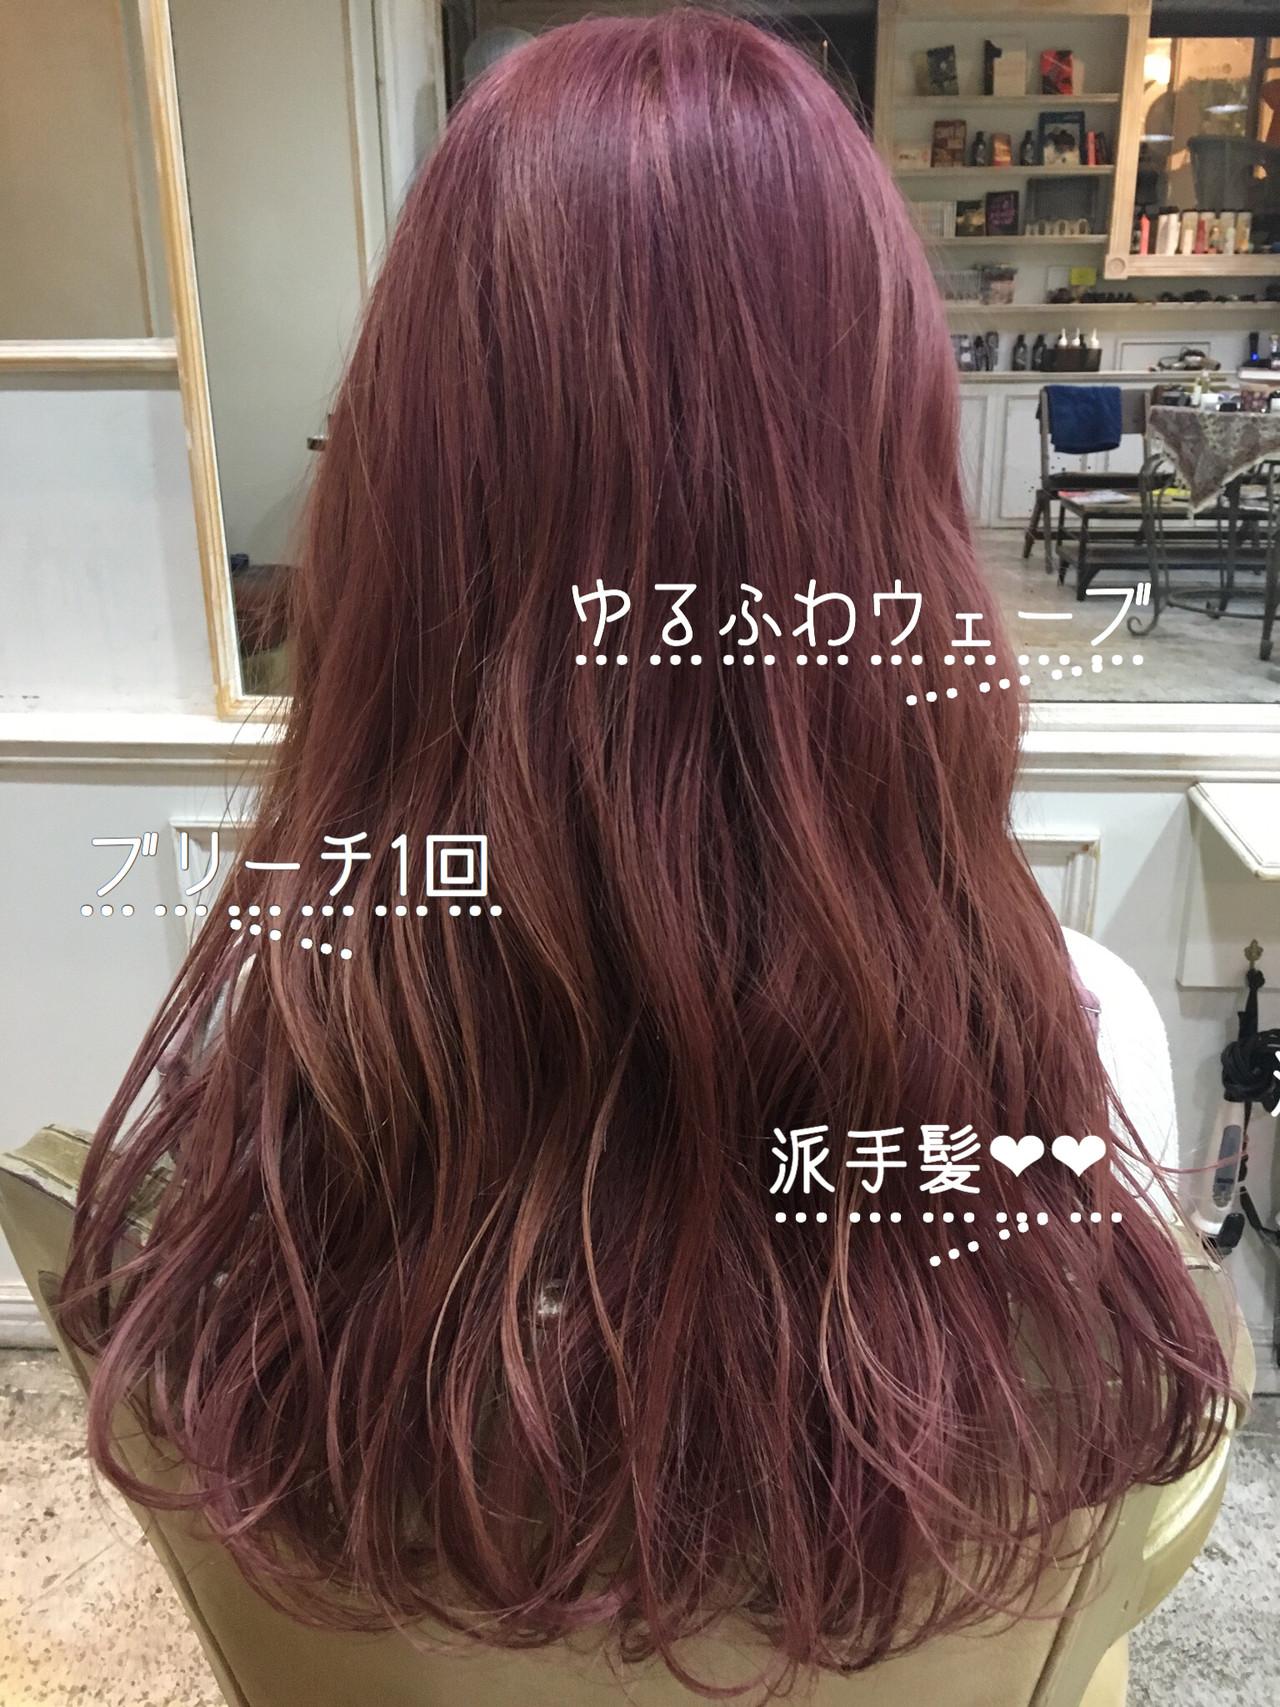 ピンクバイオレット 派手髪 フェミニン ラズベリーピンク ヘアスタイルや髪型の写真・画像   RUKA / H[eitf] stylist ❤︎